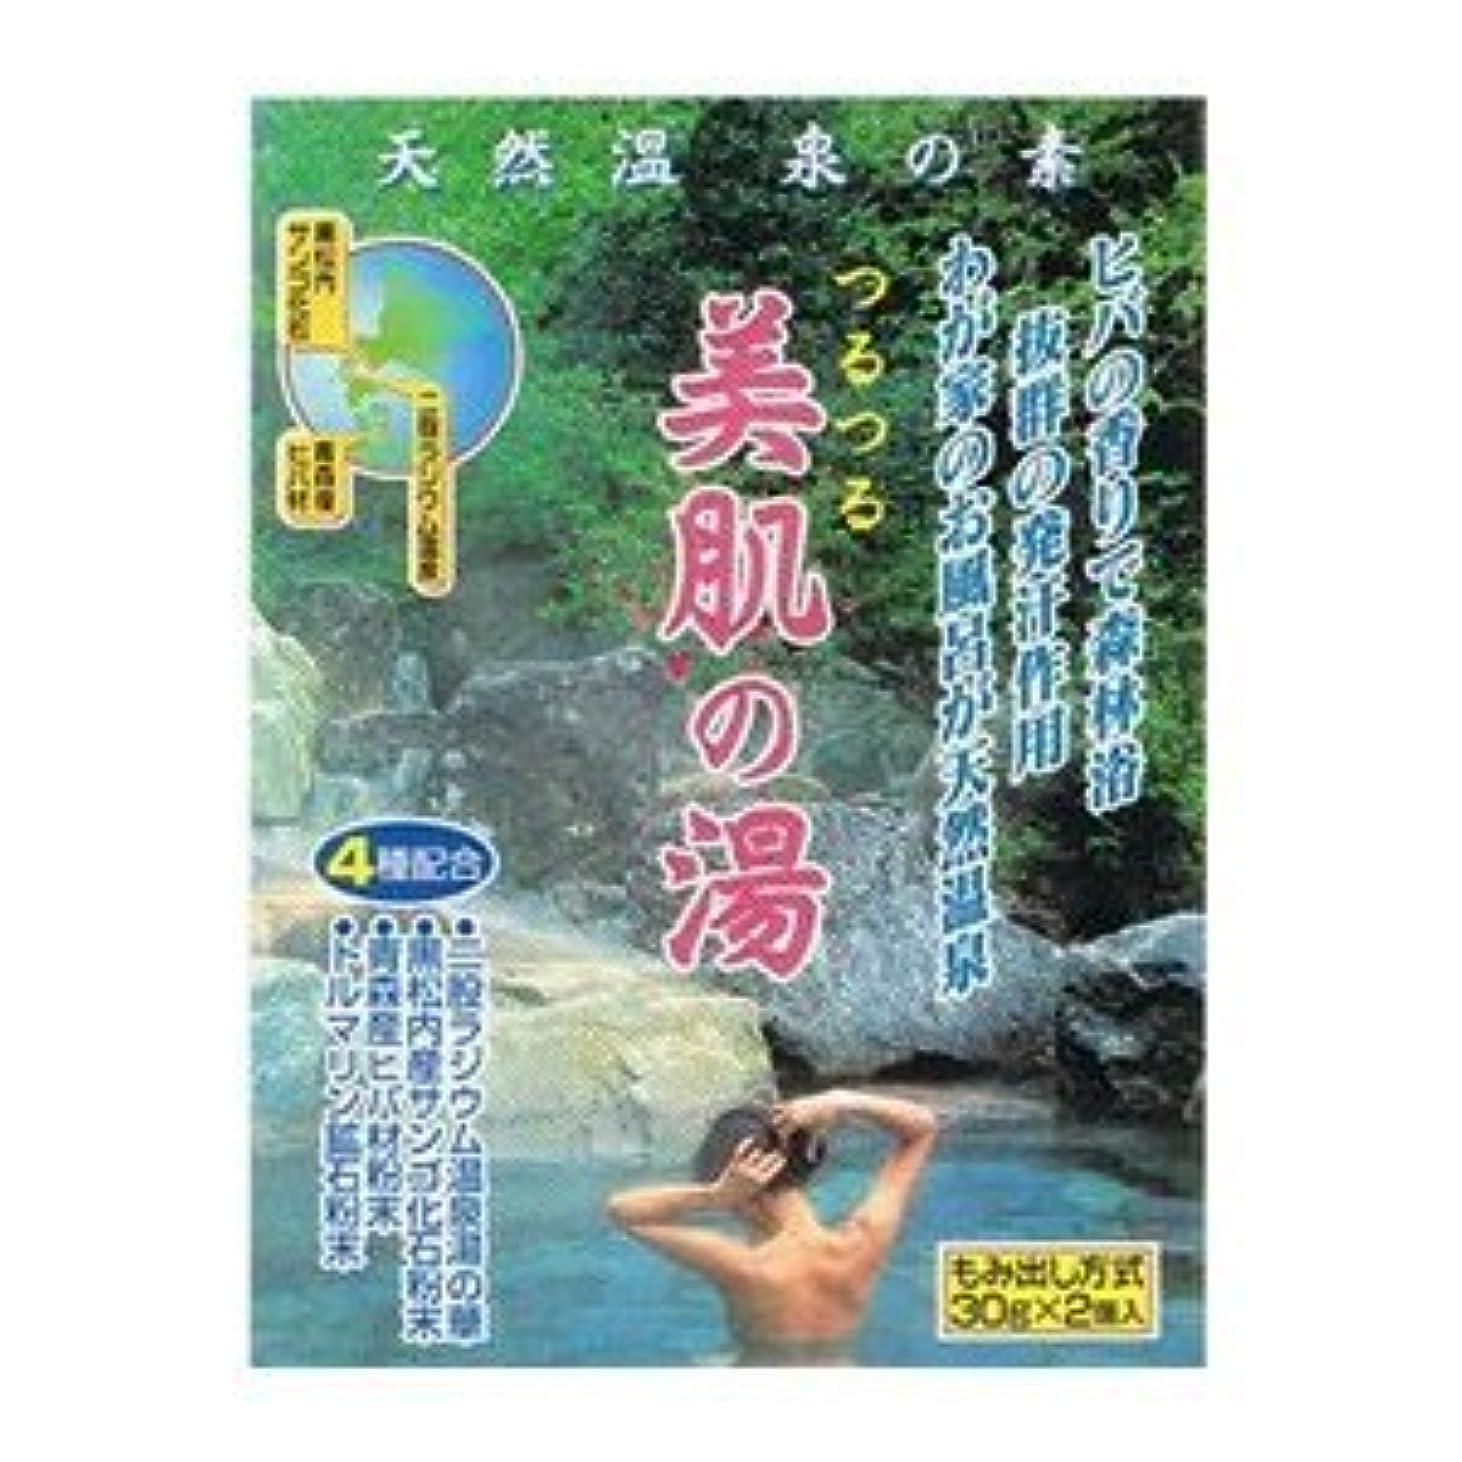 後性能主婦天然温泉の素 美肌の湯 (30g×2個入)×18袋セット